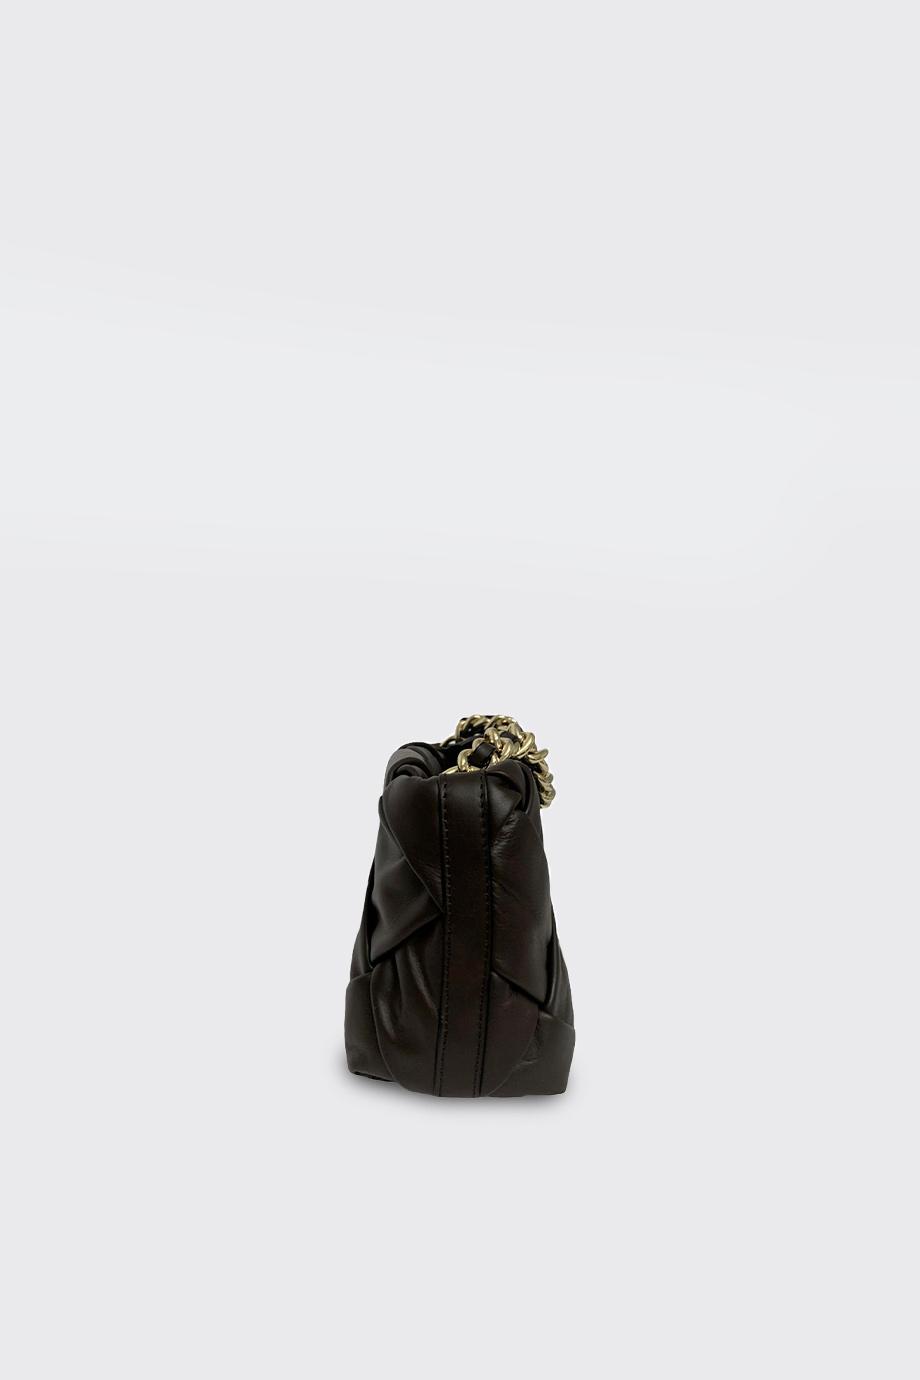 capsule pochette greta testa di moro avenue 67